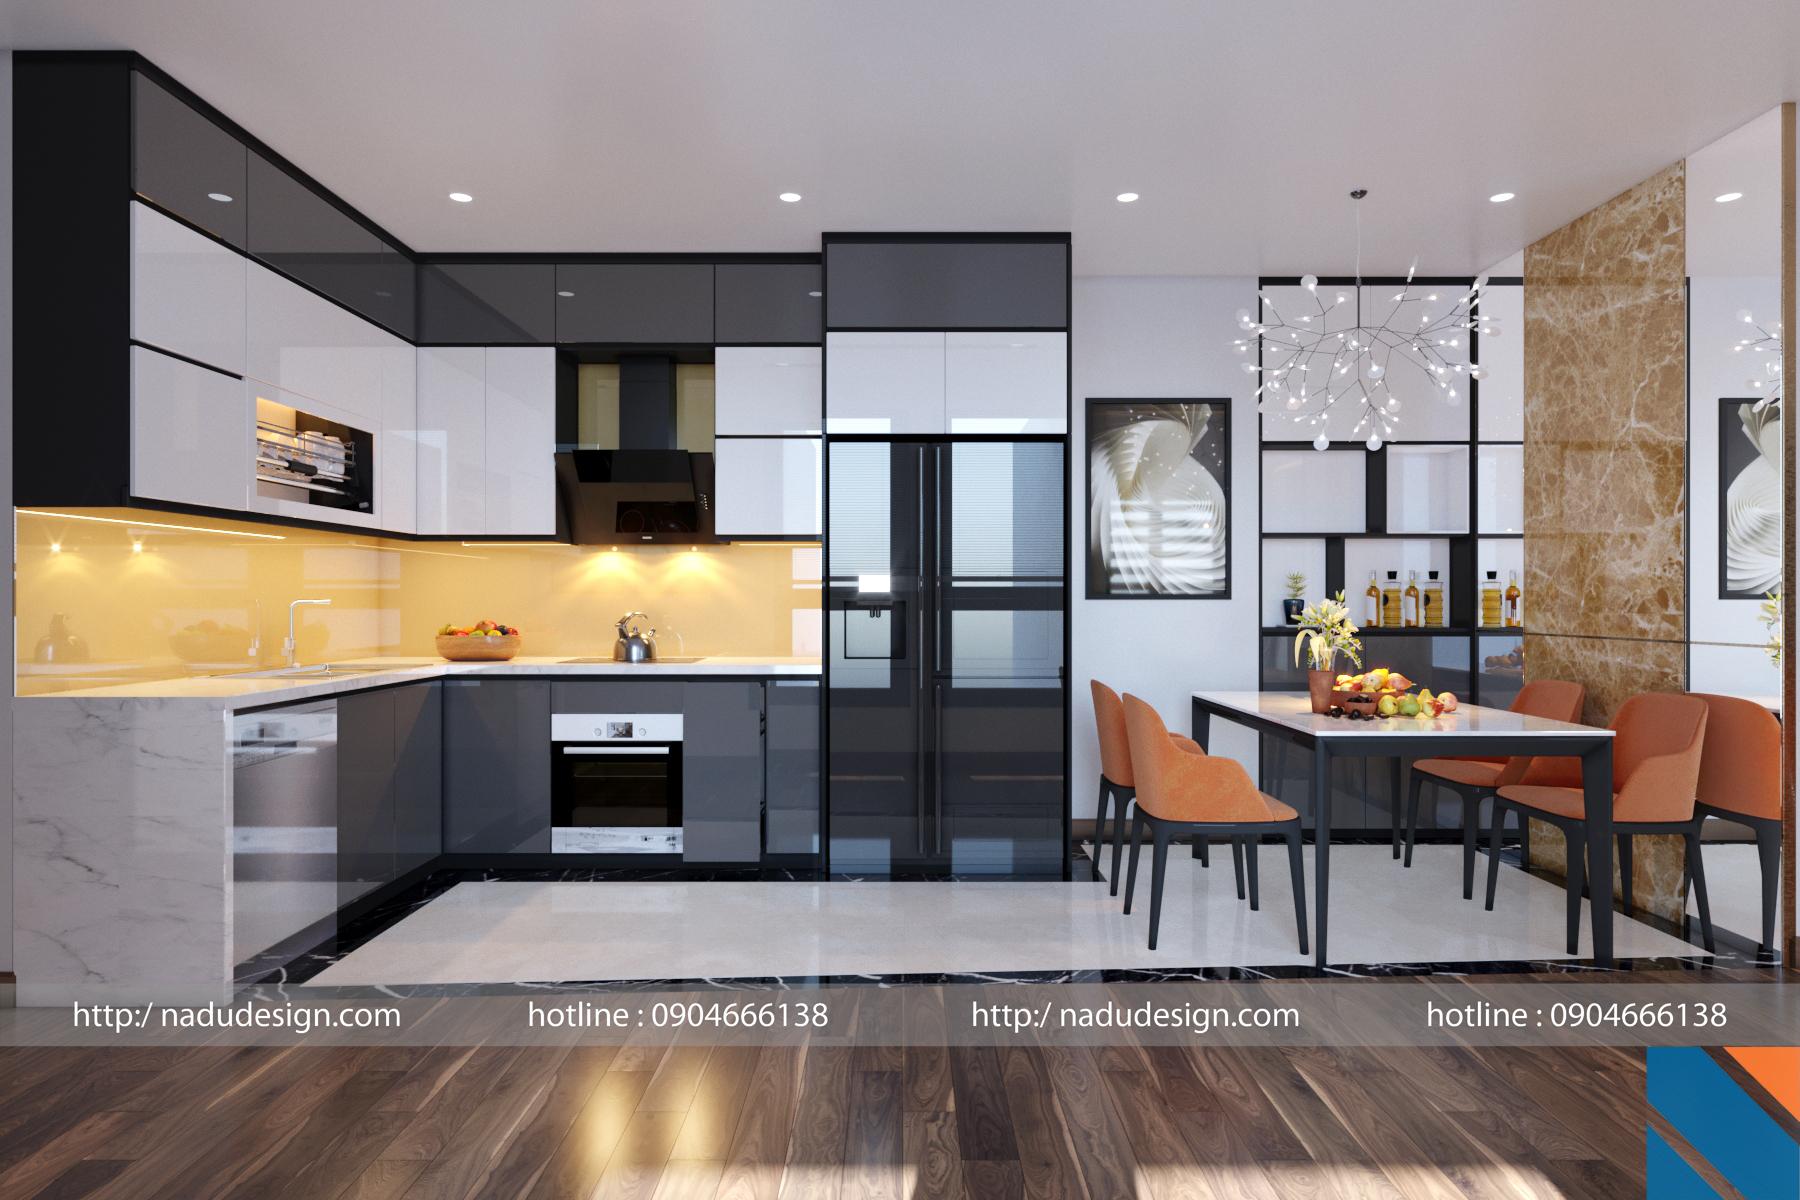 thiết kế nội thất phòng bếp sử dụng tủ bếp chư l